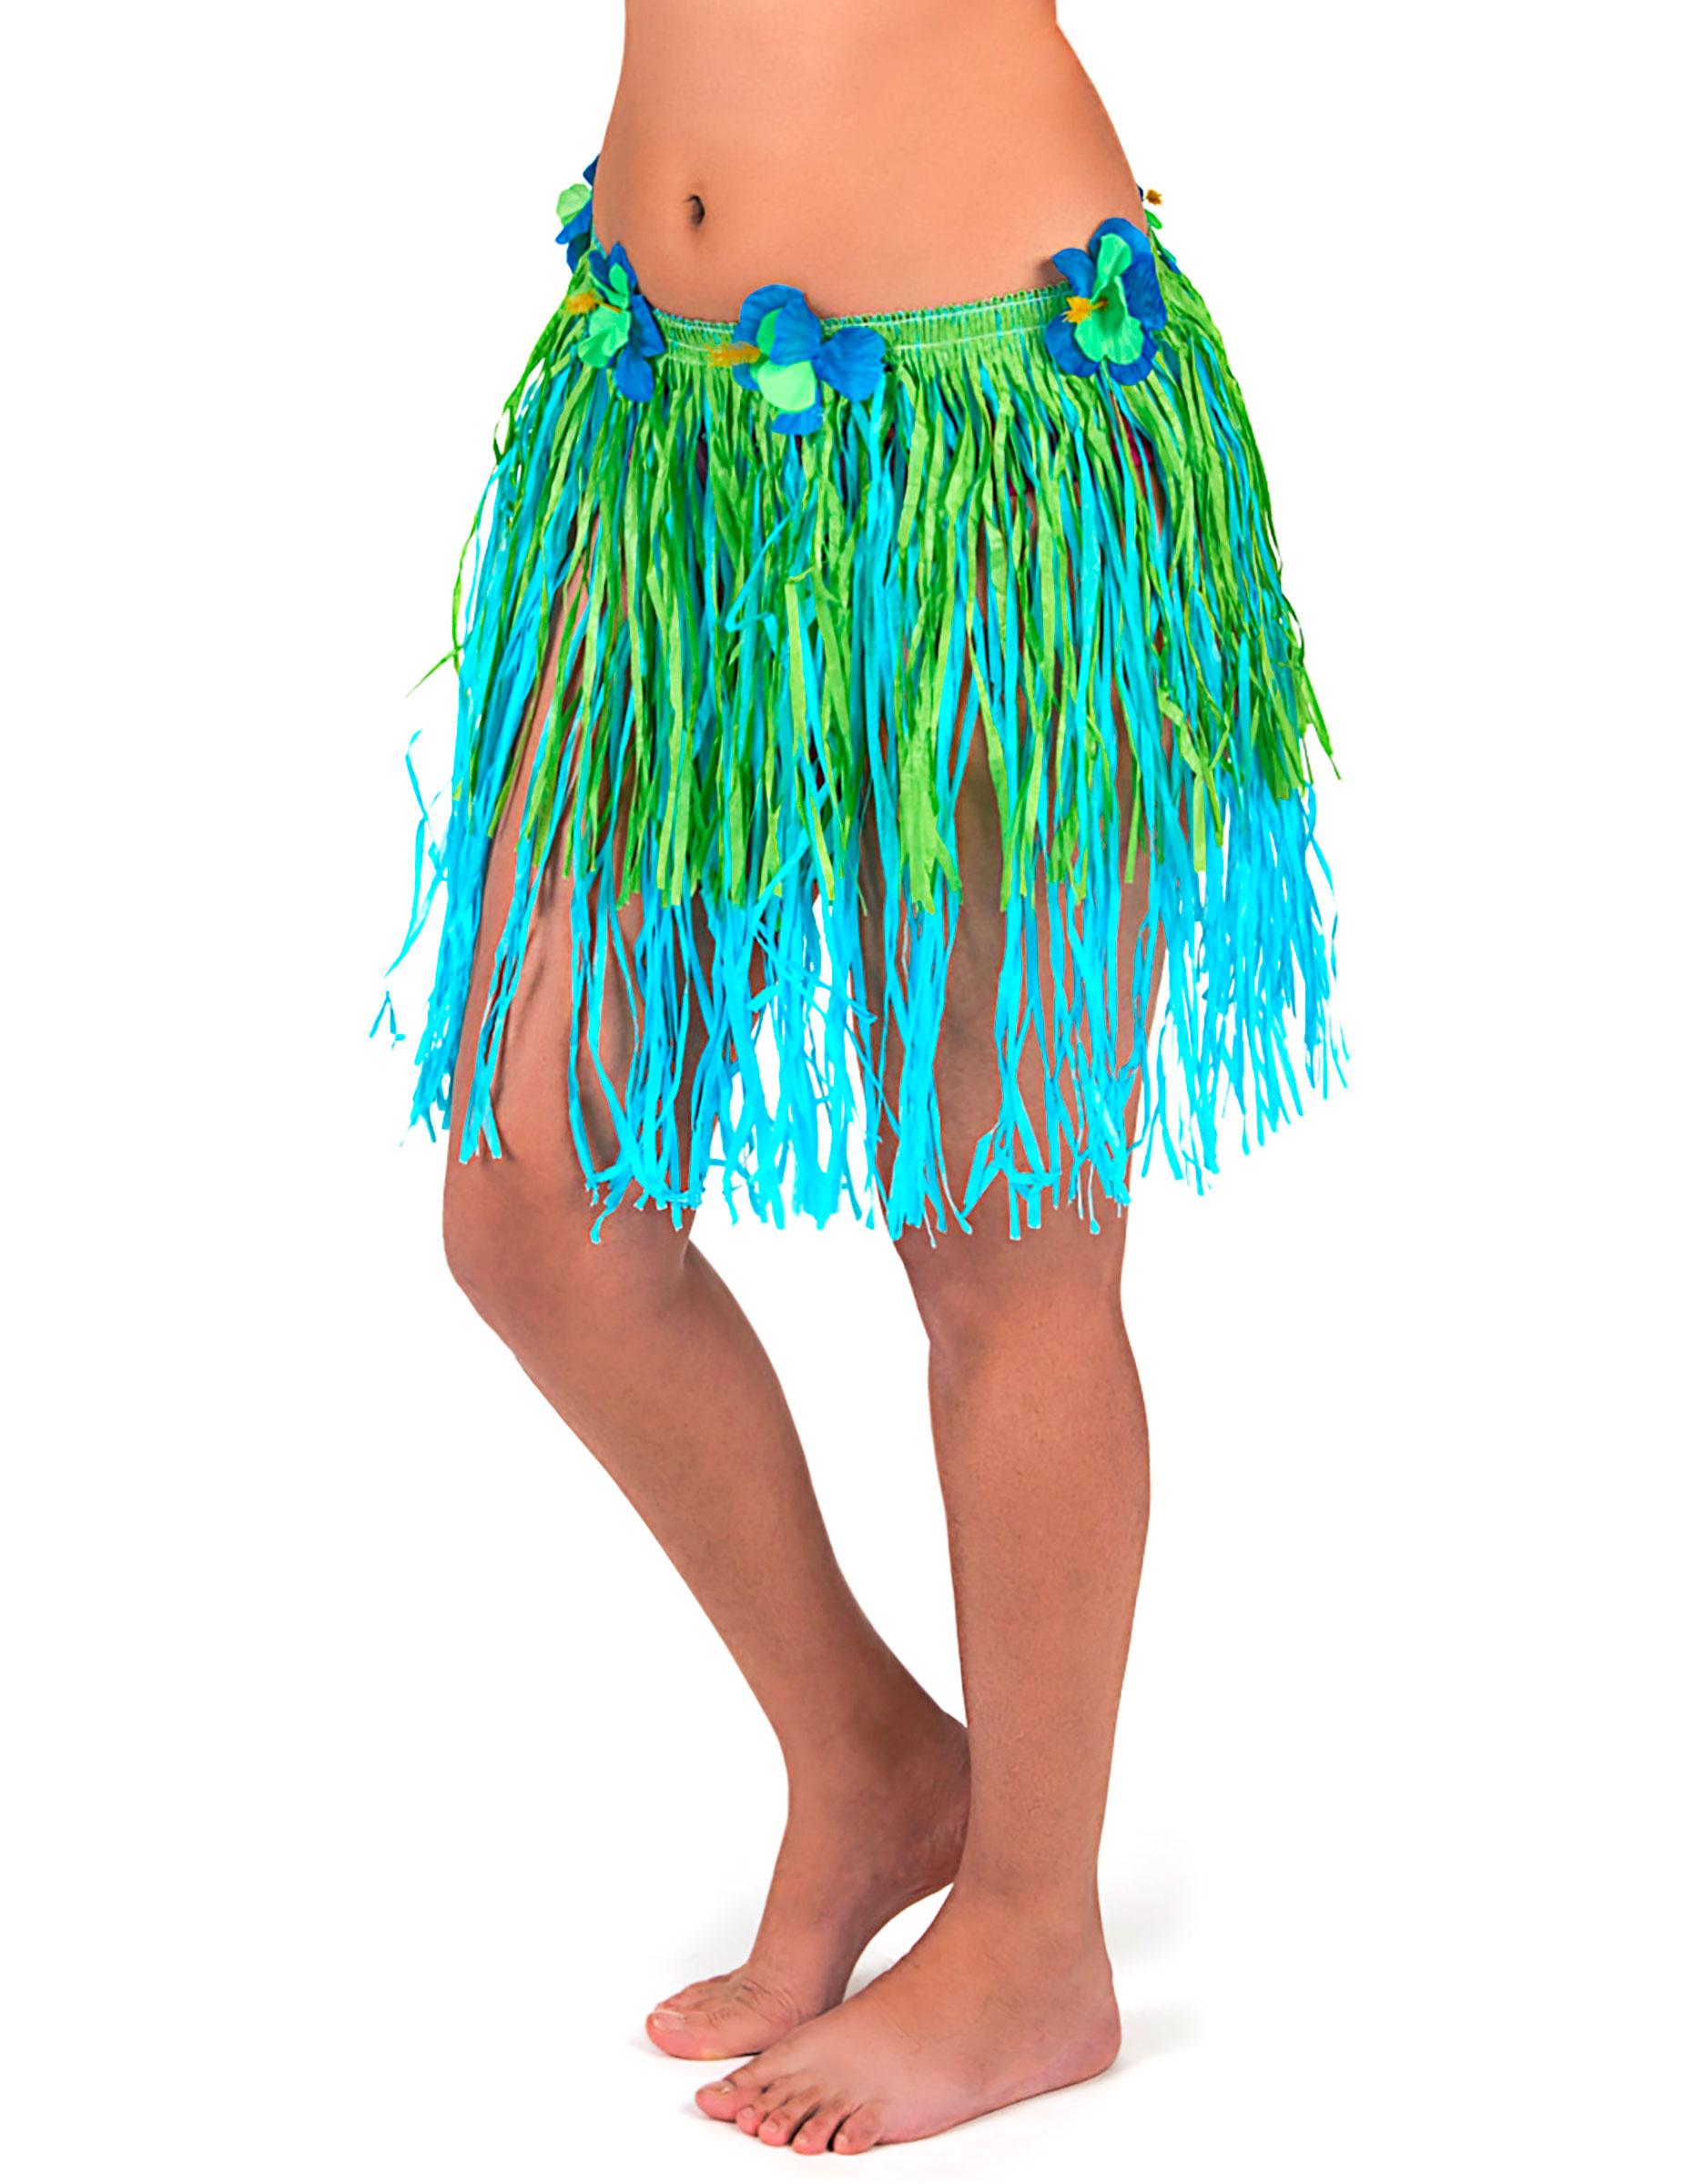 Jupe Hawaienne Courte Verte Et Bleue Avec Fleurs Adulte Deguisements Cadeaux Pas Chers Boutique Arlequin Suisse